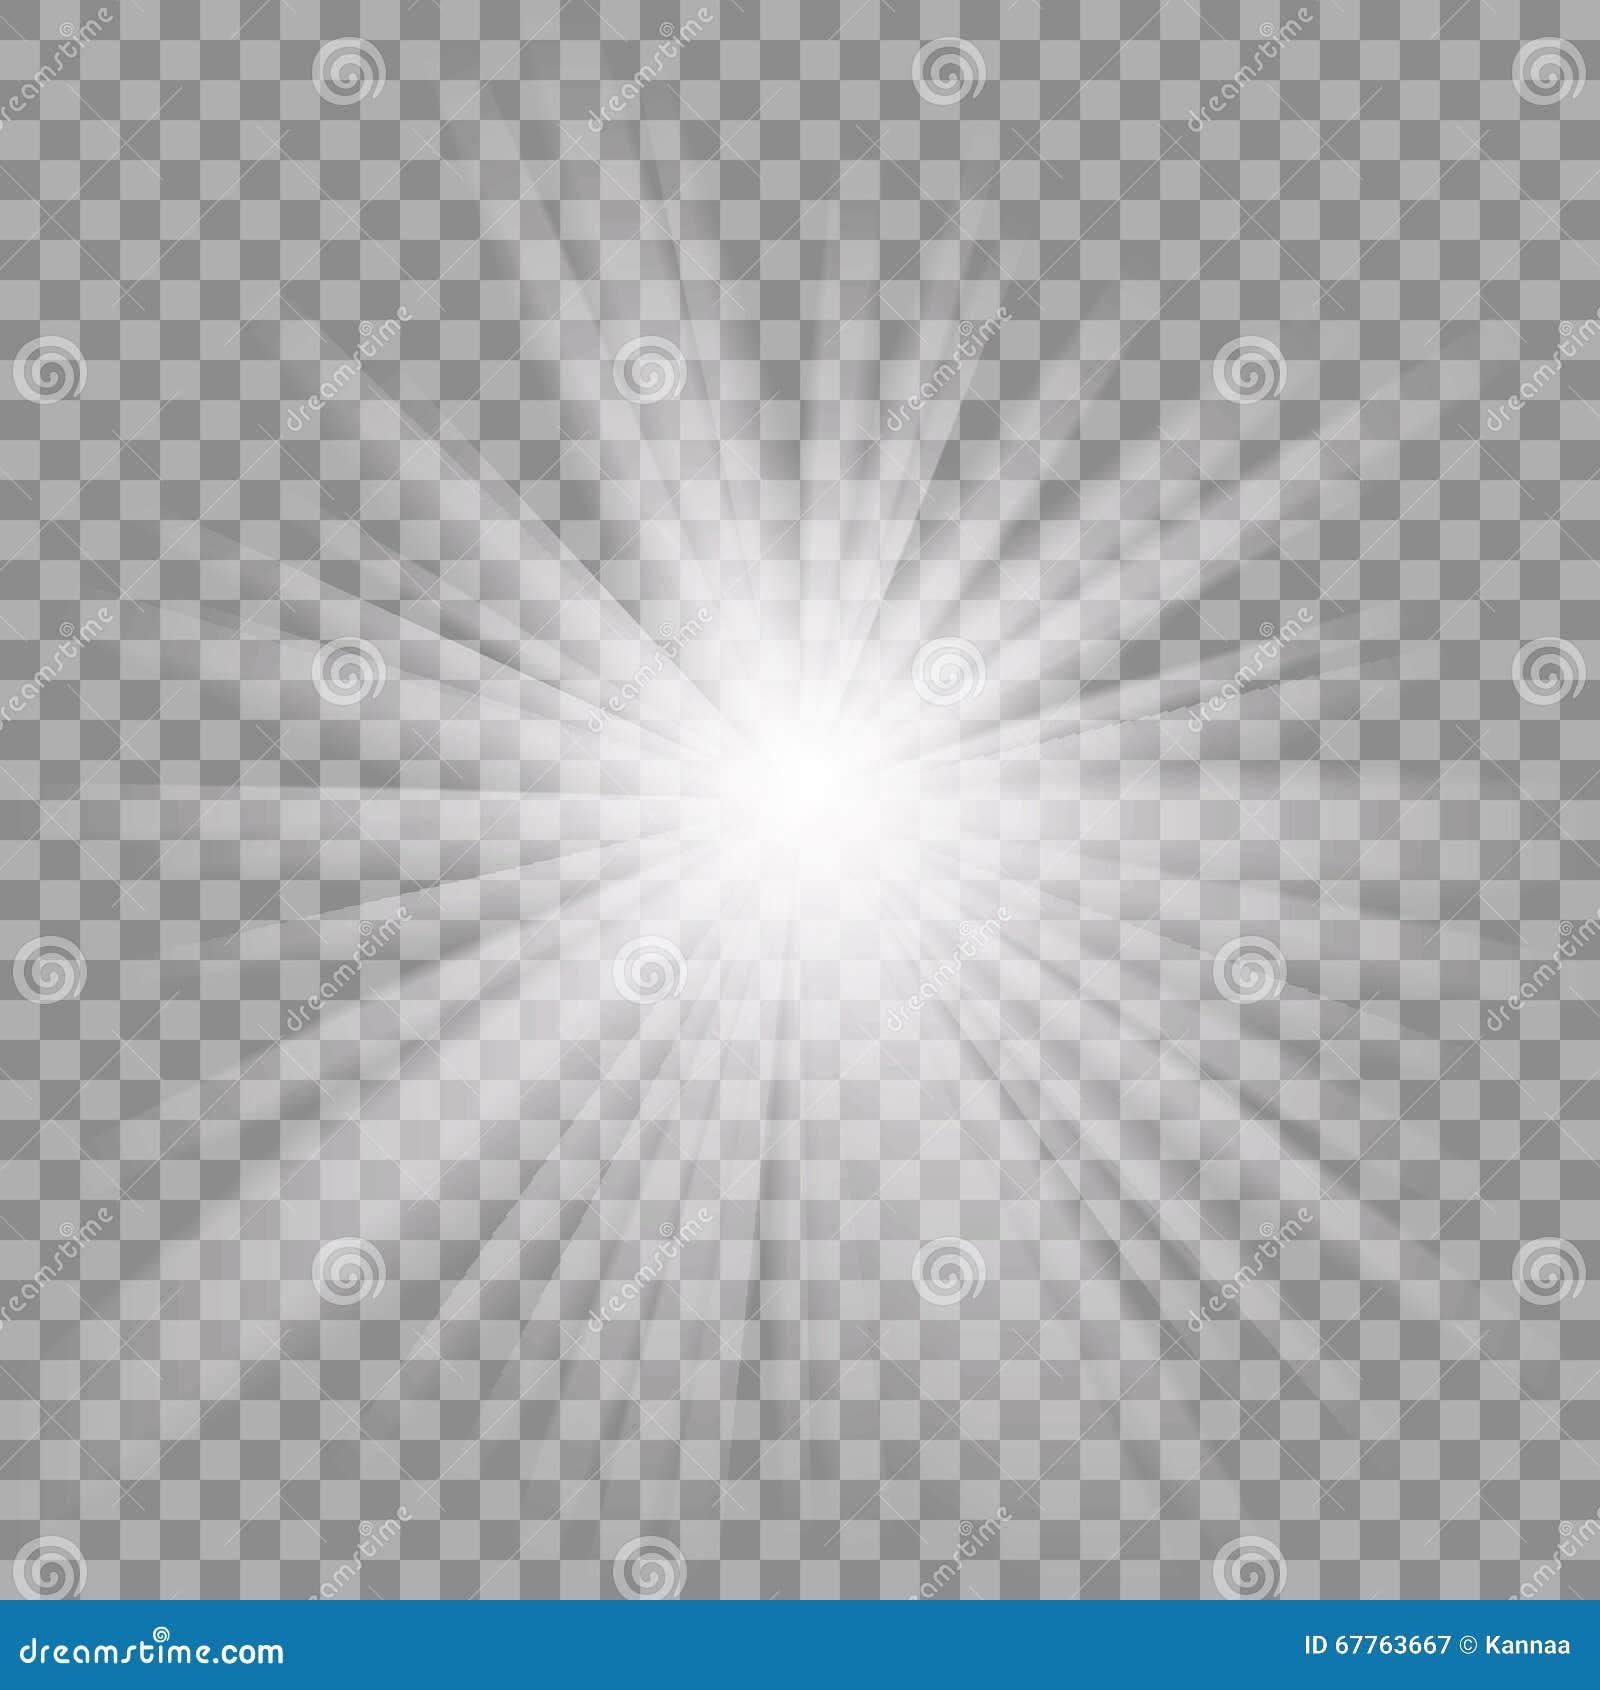 Explosión ligera que brilla intensamente blanca en fondo transparente